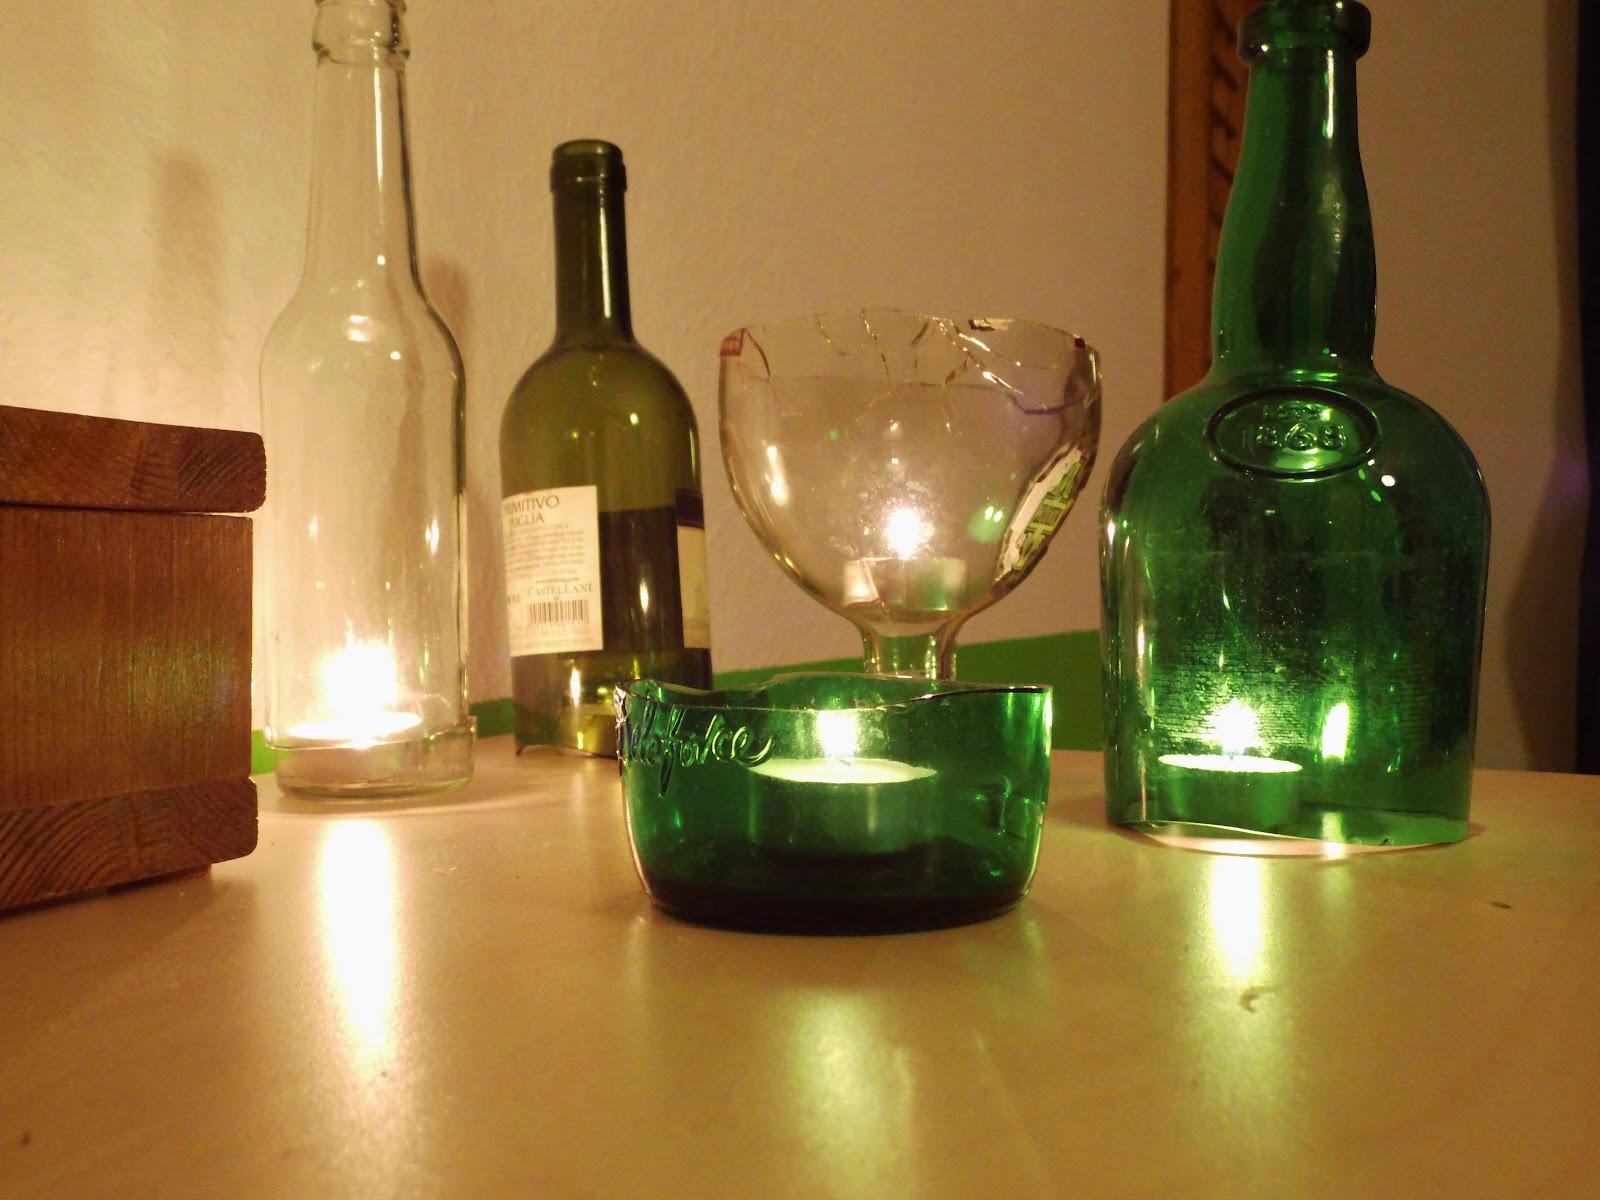 gesehen und gesehen werden flaschenkerzen tutorial. Black Bedroom Furniture Sets. Home Design Ideas